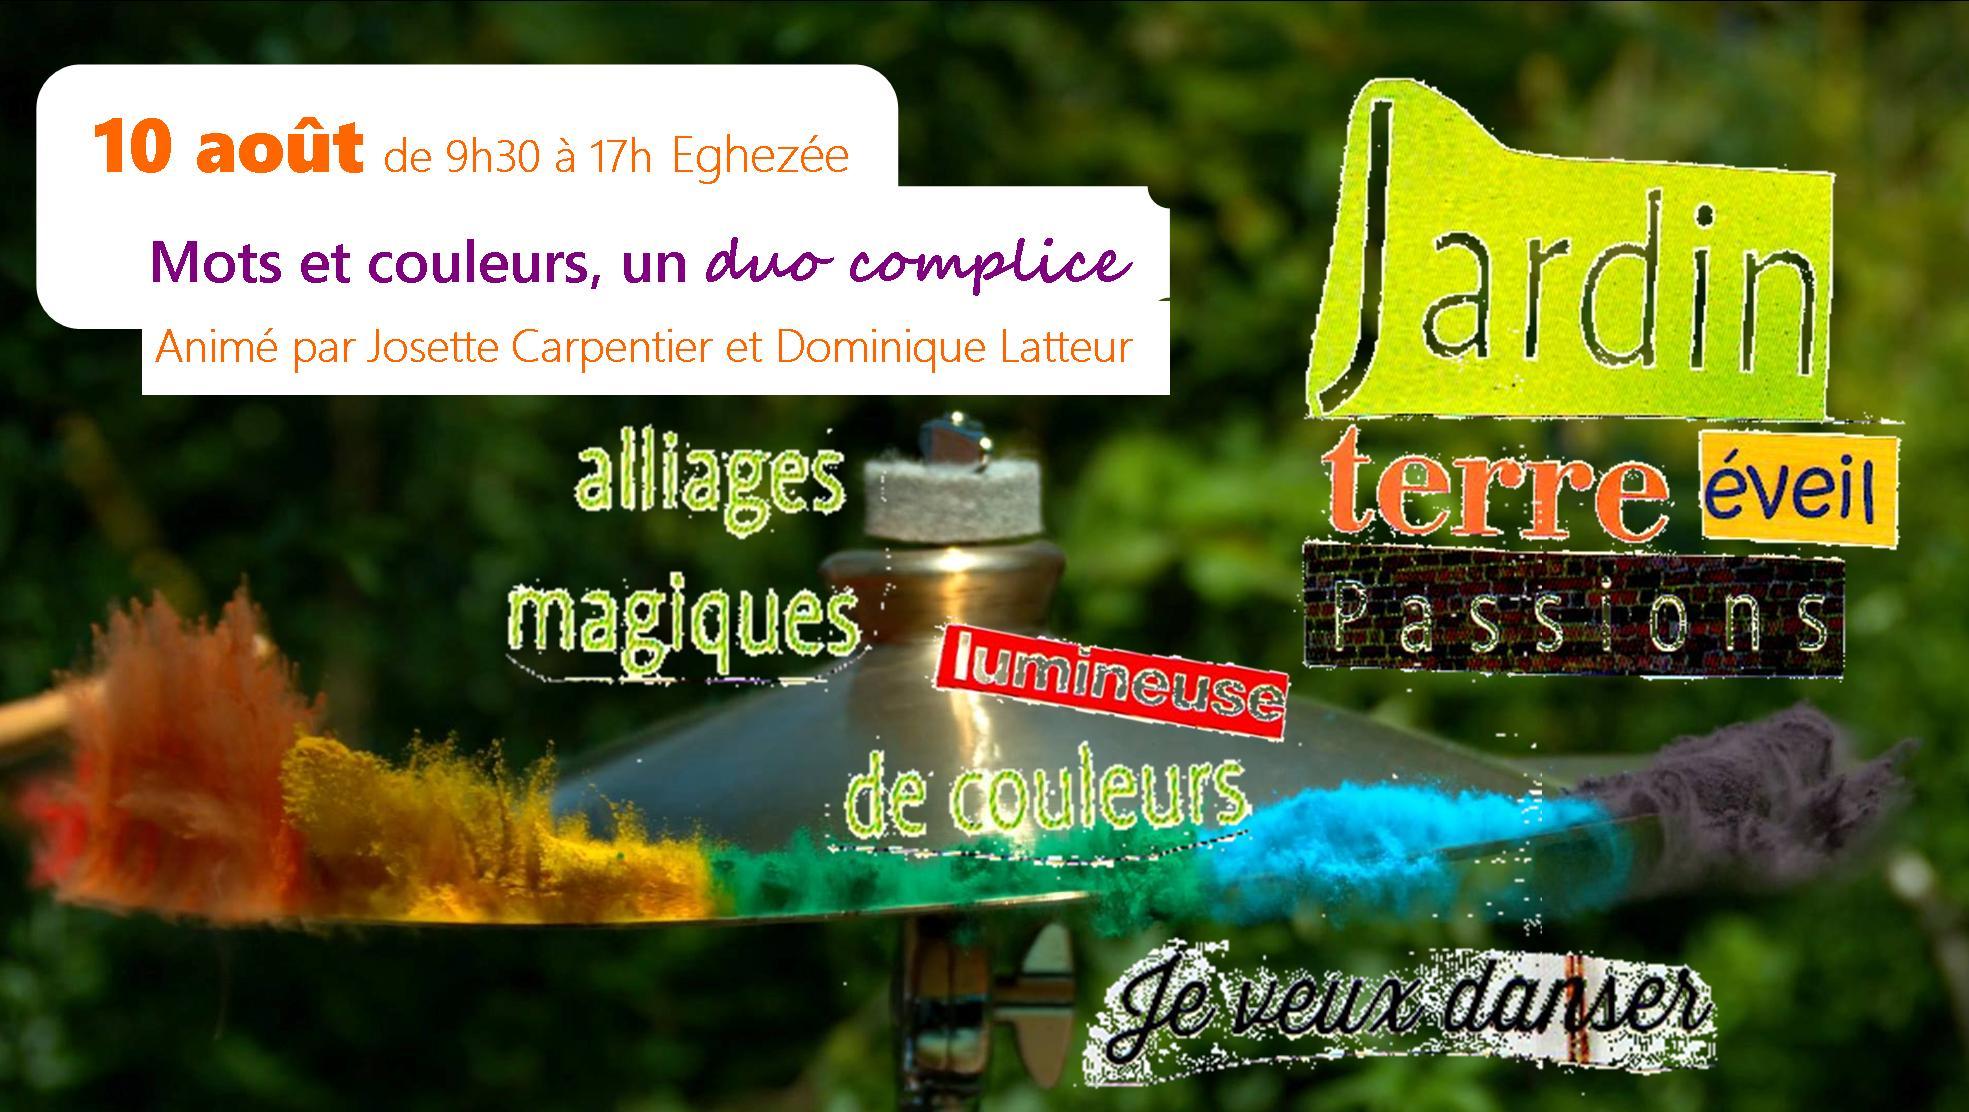 10 aout O1 Mots et couleurs Dominique Latteur Josette Carpentier